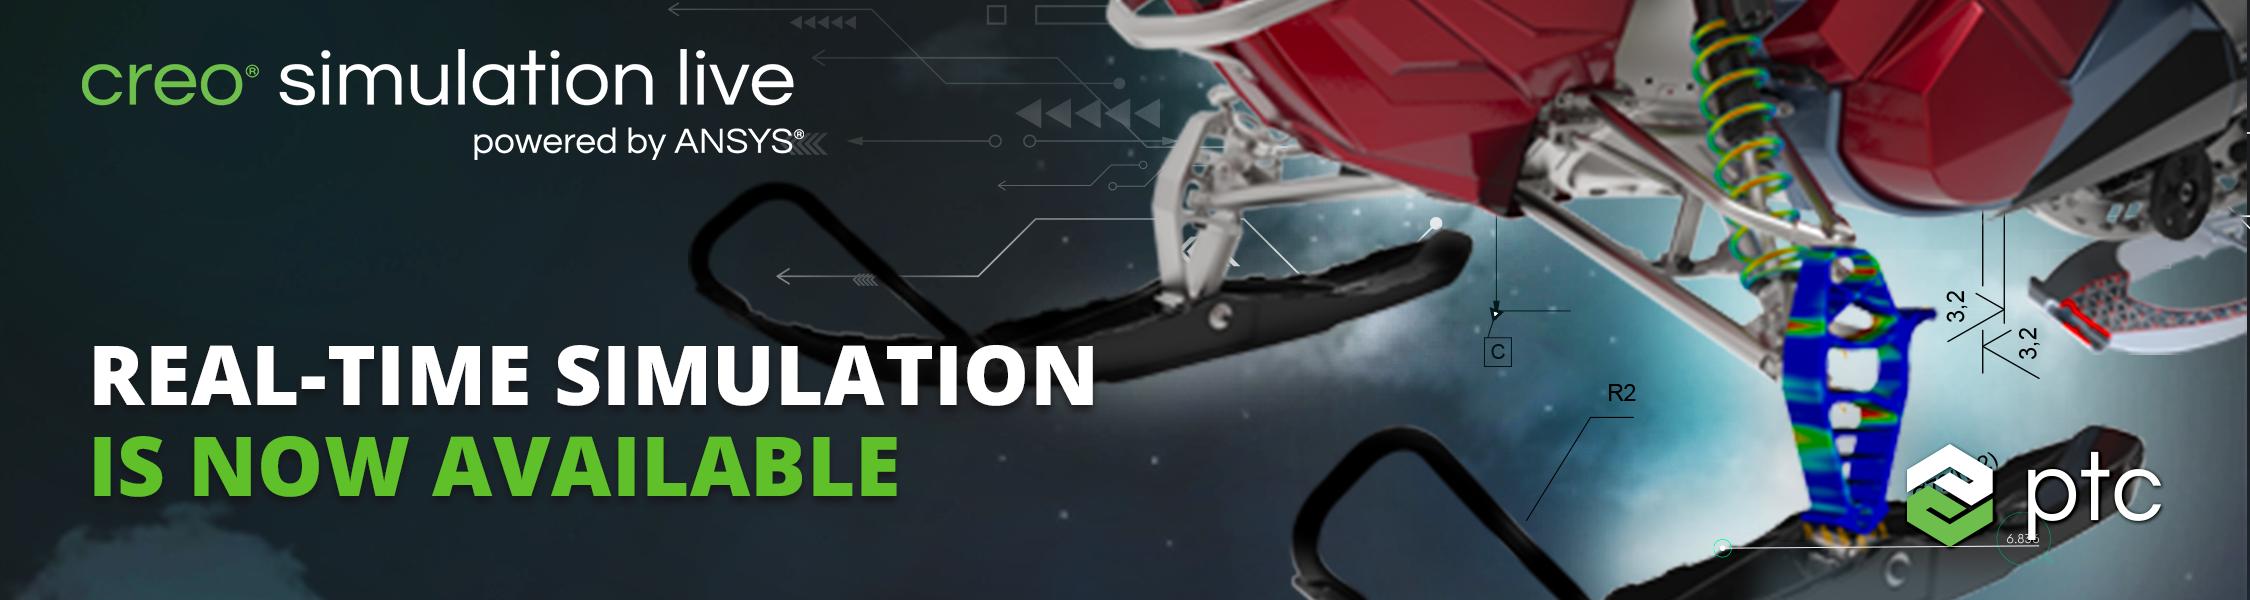 website-banner-creo-simulation-live-en